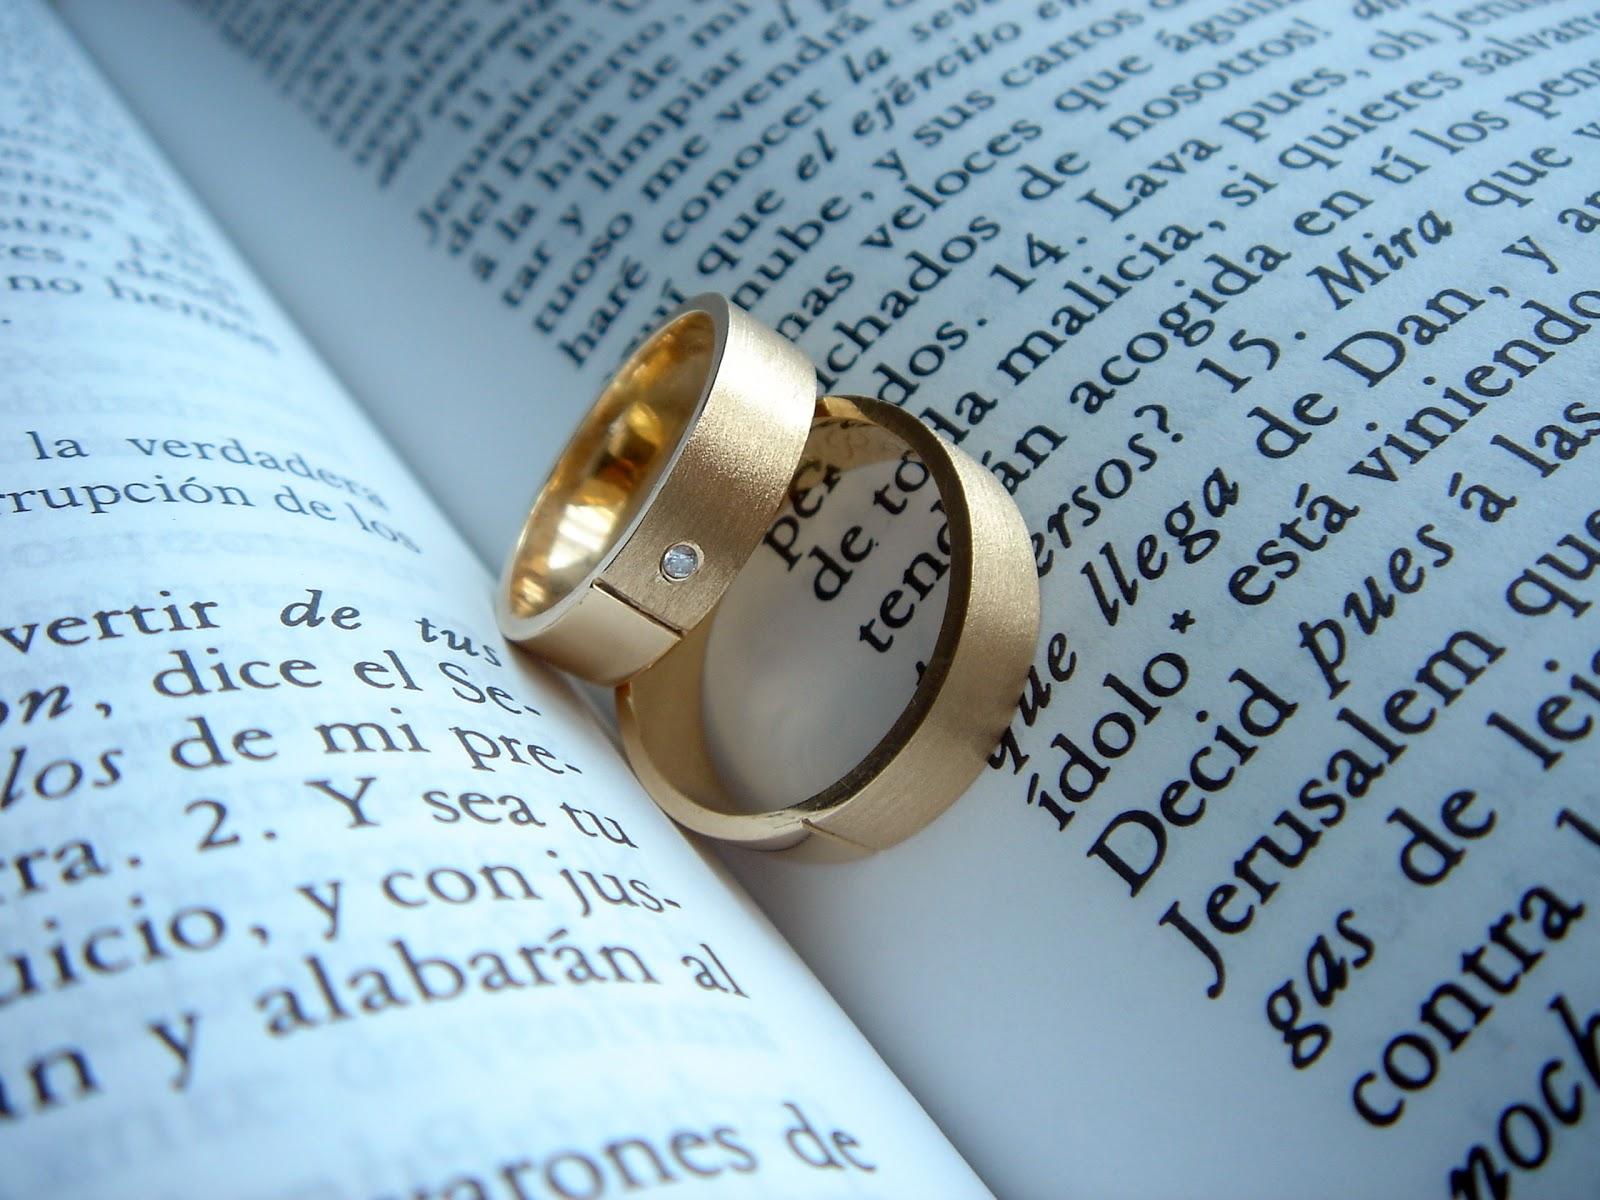 Frases bíblicas para invitaciones de bodas